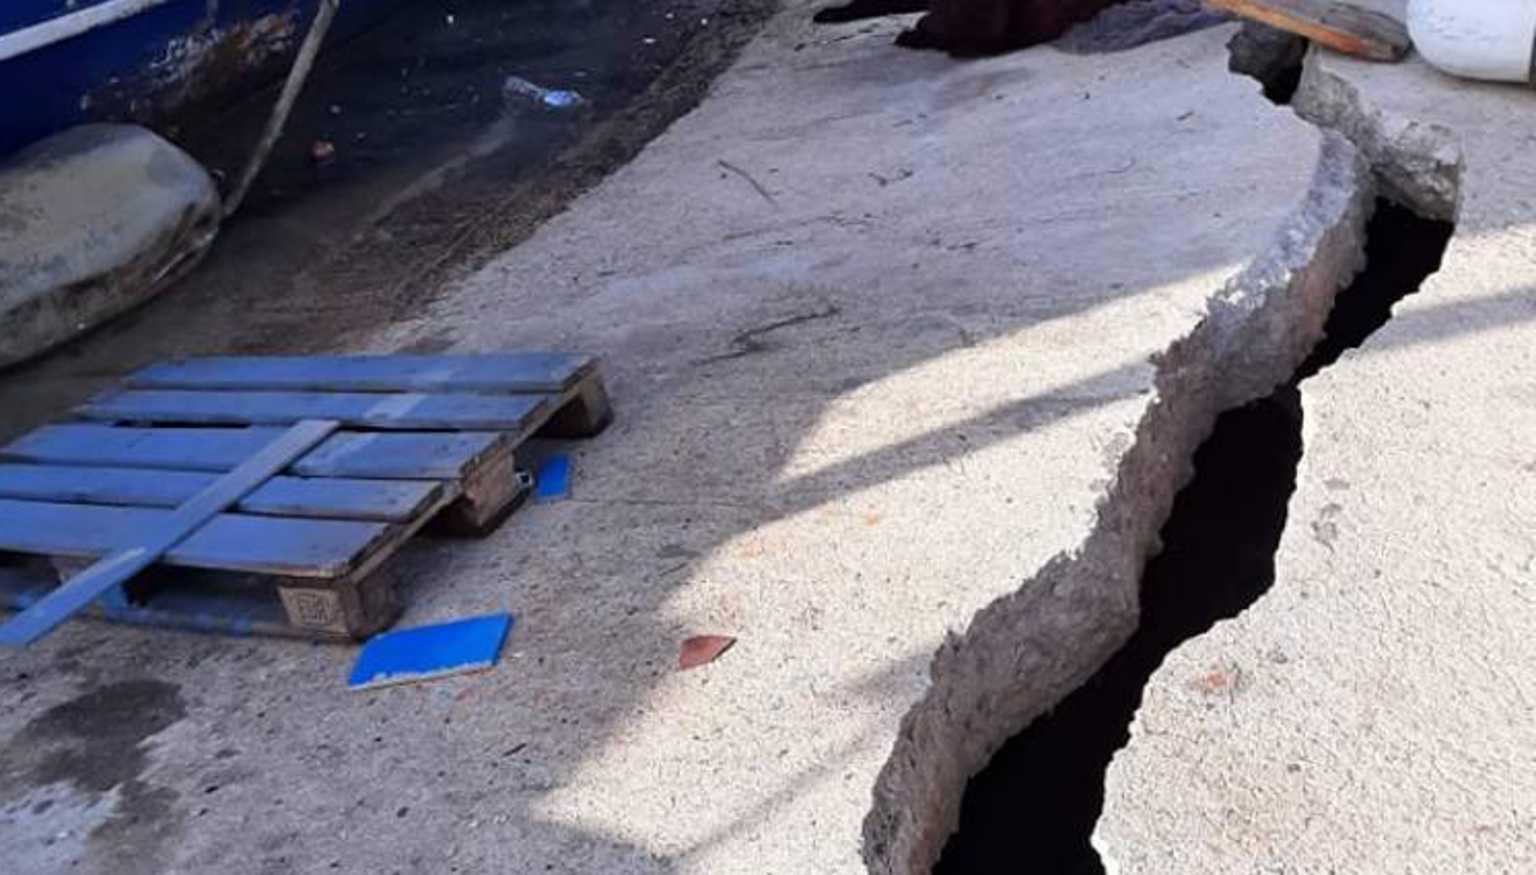 Αχαΐα: «Άνοιξε» το λιμάνι των Αλυκών – Κινδυνεύουν οι ψαράδες στη δουλειά τους